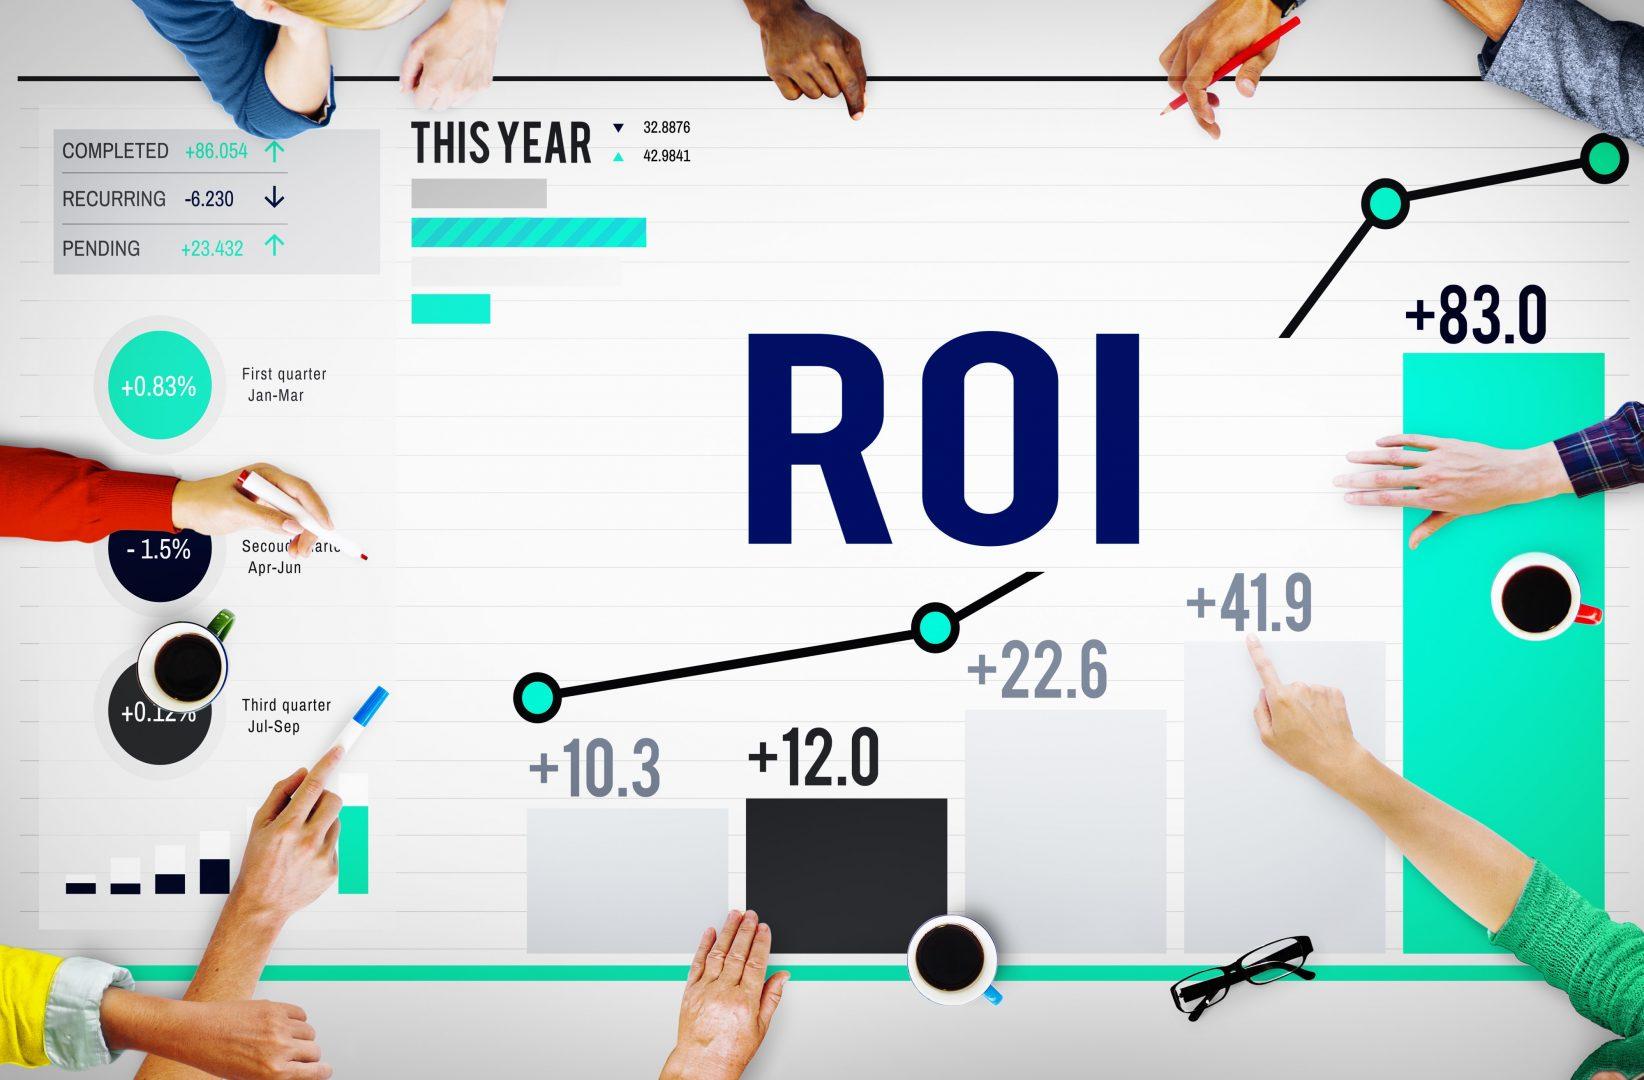 Tính toán ROI không phải lúc nào cũng rõ ràng. Một số khoản đầu tư sẽ chồng chéo, gây khó khăn cho việc xác định khoản đầu tư nào tạo ra nhiều lợi nhuận nhất.